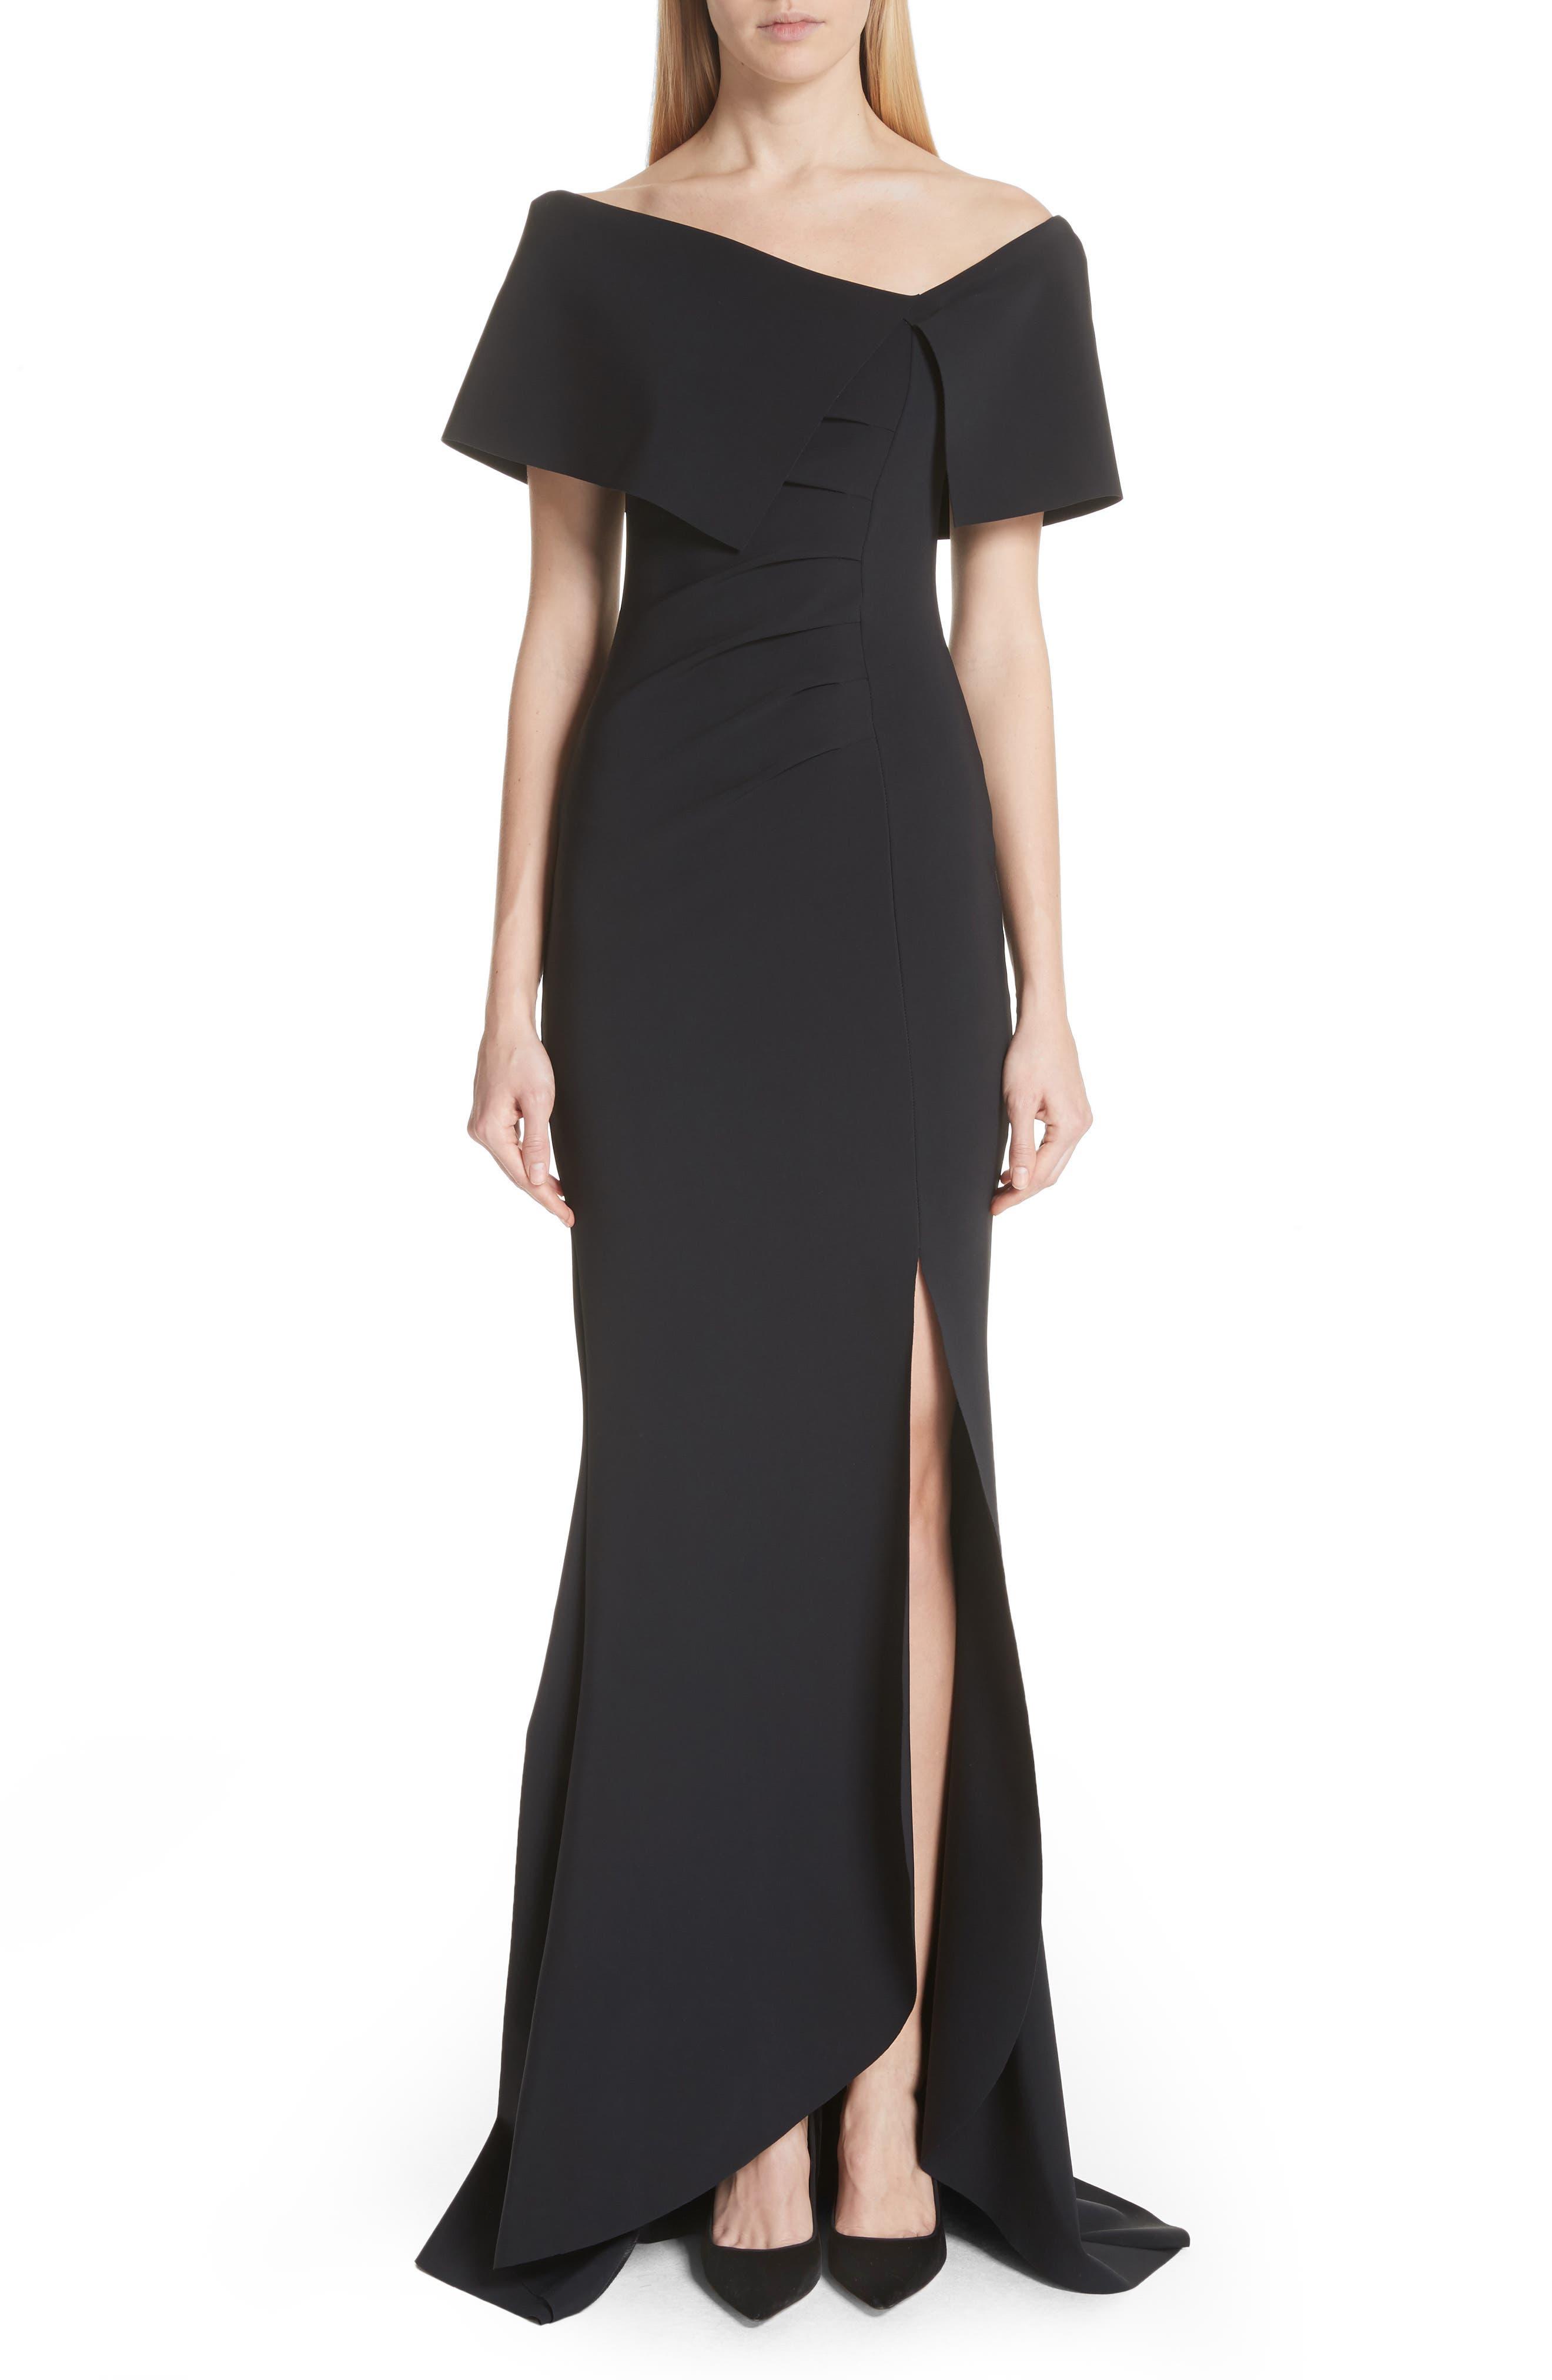 Chiara Boni La Petite Robe Asymmetric Neck Mermaid Gown